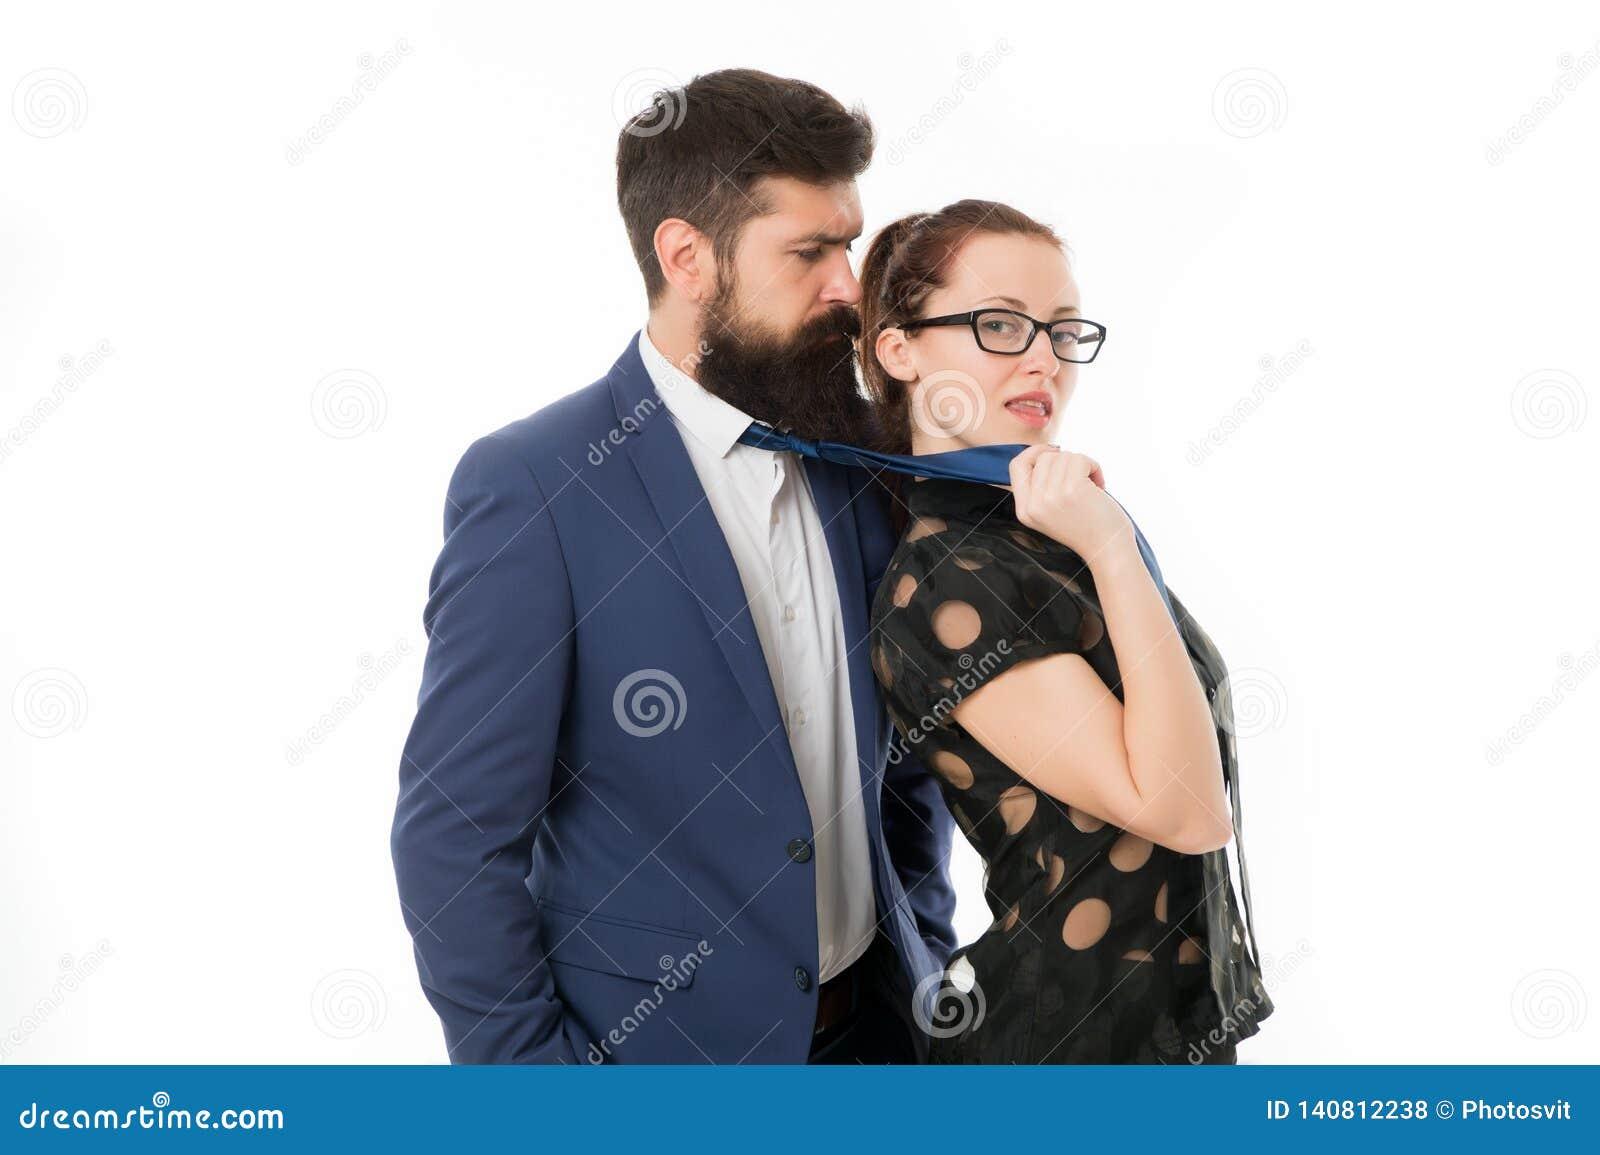 homme marié flirt)